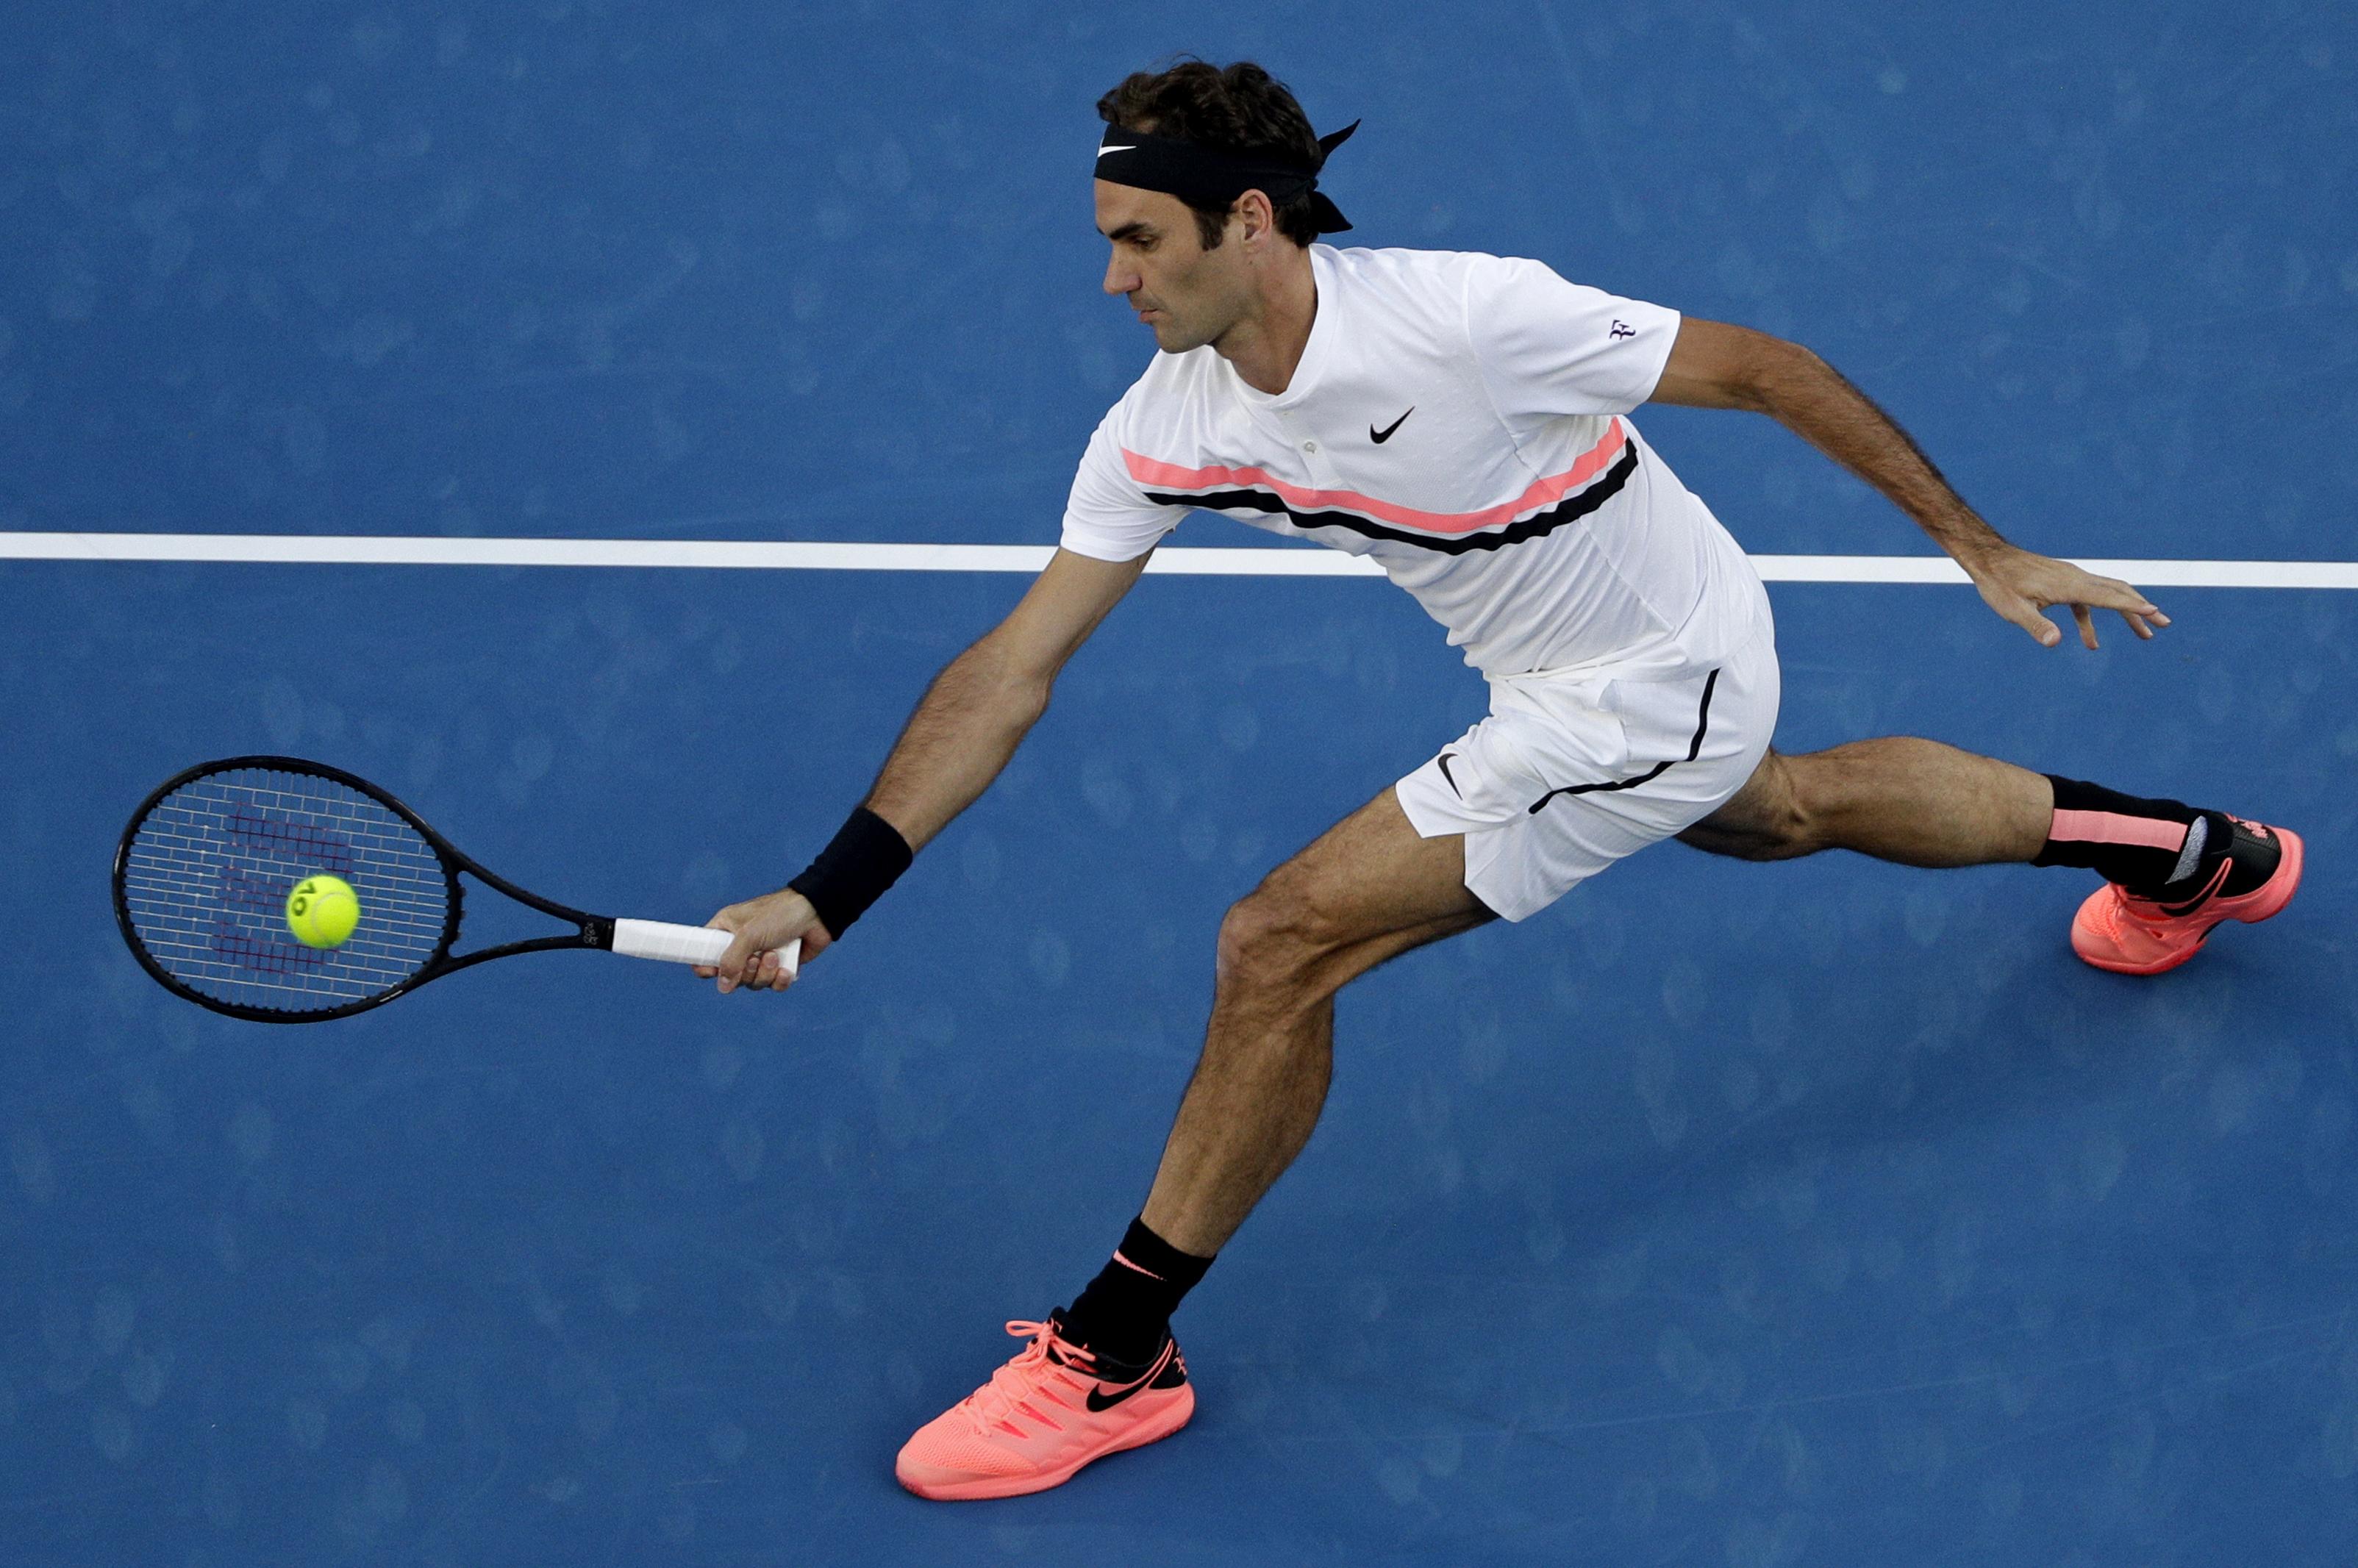 Rogerer Federer vs Jan-Lennard Struff Australian Open 2018 Live